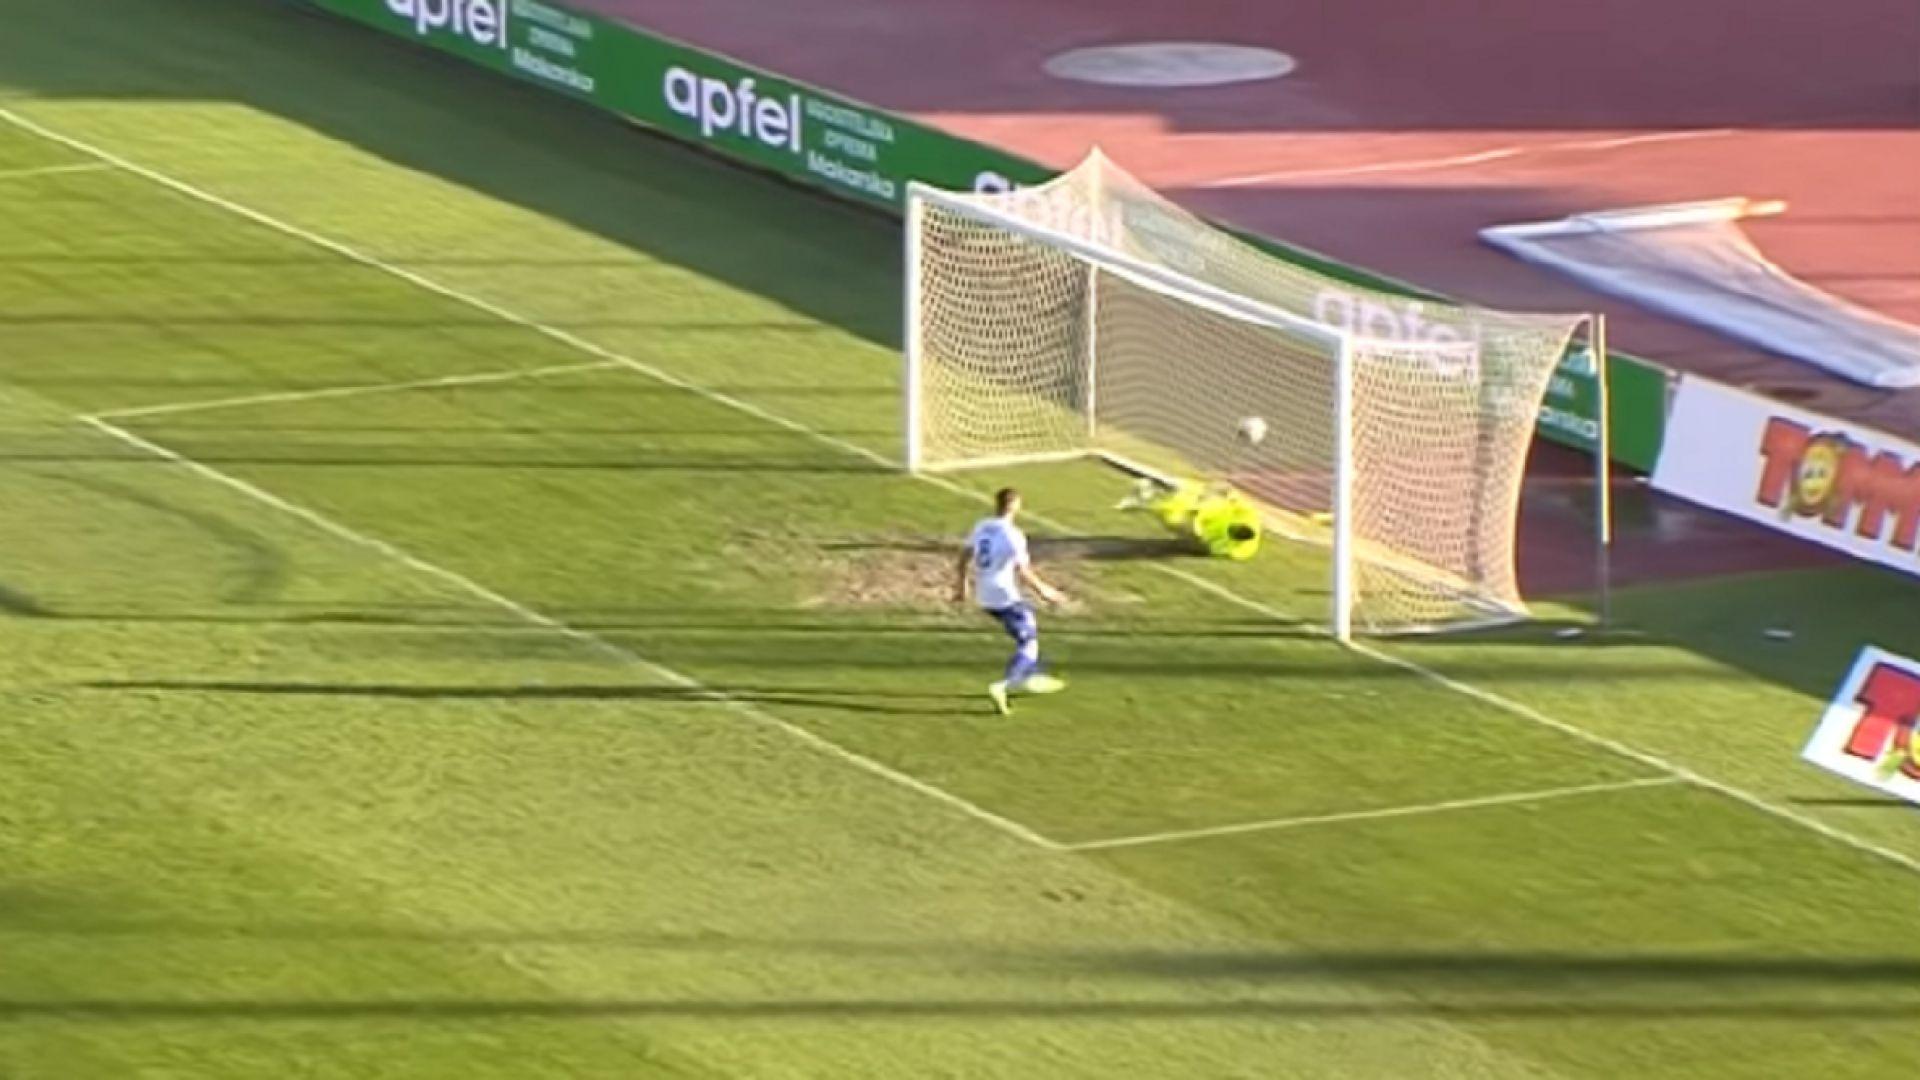 Уникален куриозен момент в хърватското футболно първенство